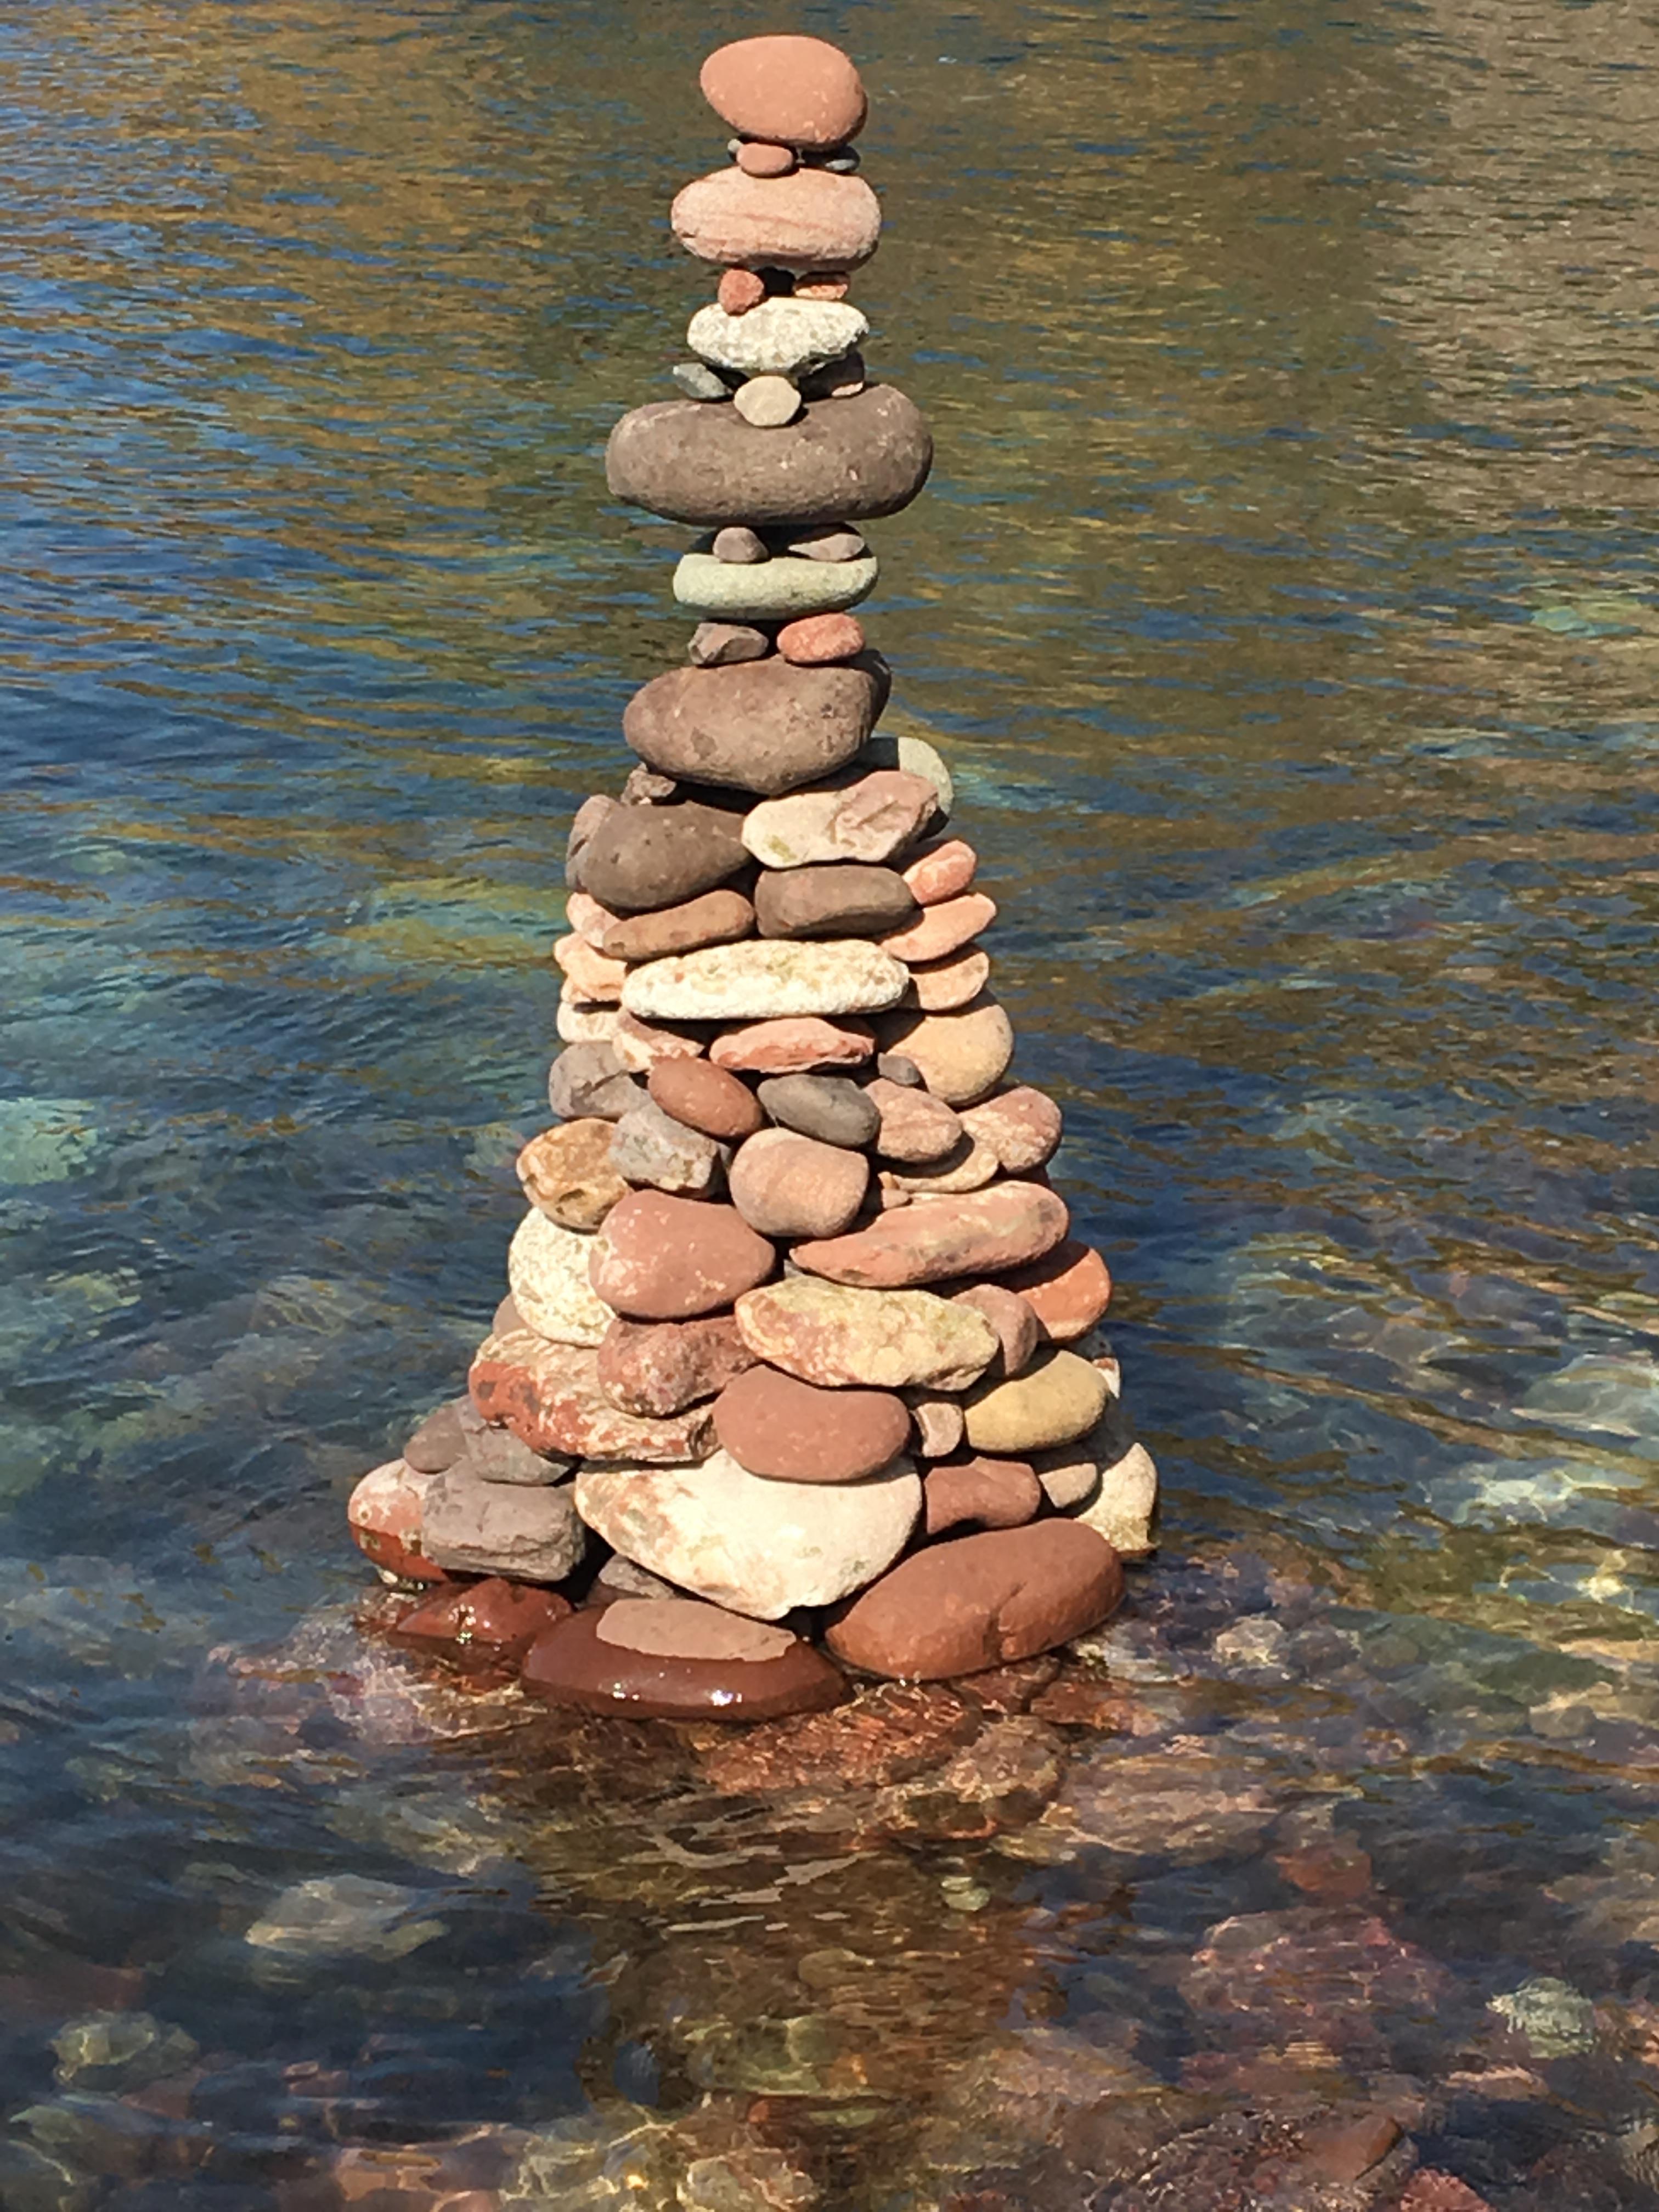 Stone cairn on beach shoreline. Dunbar 2019. Copyright P.A.Goodall